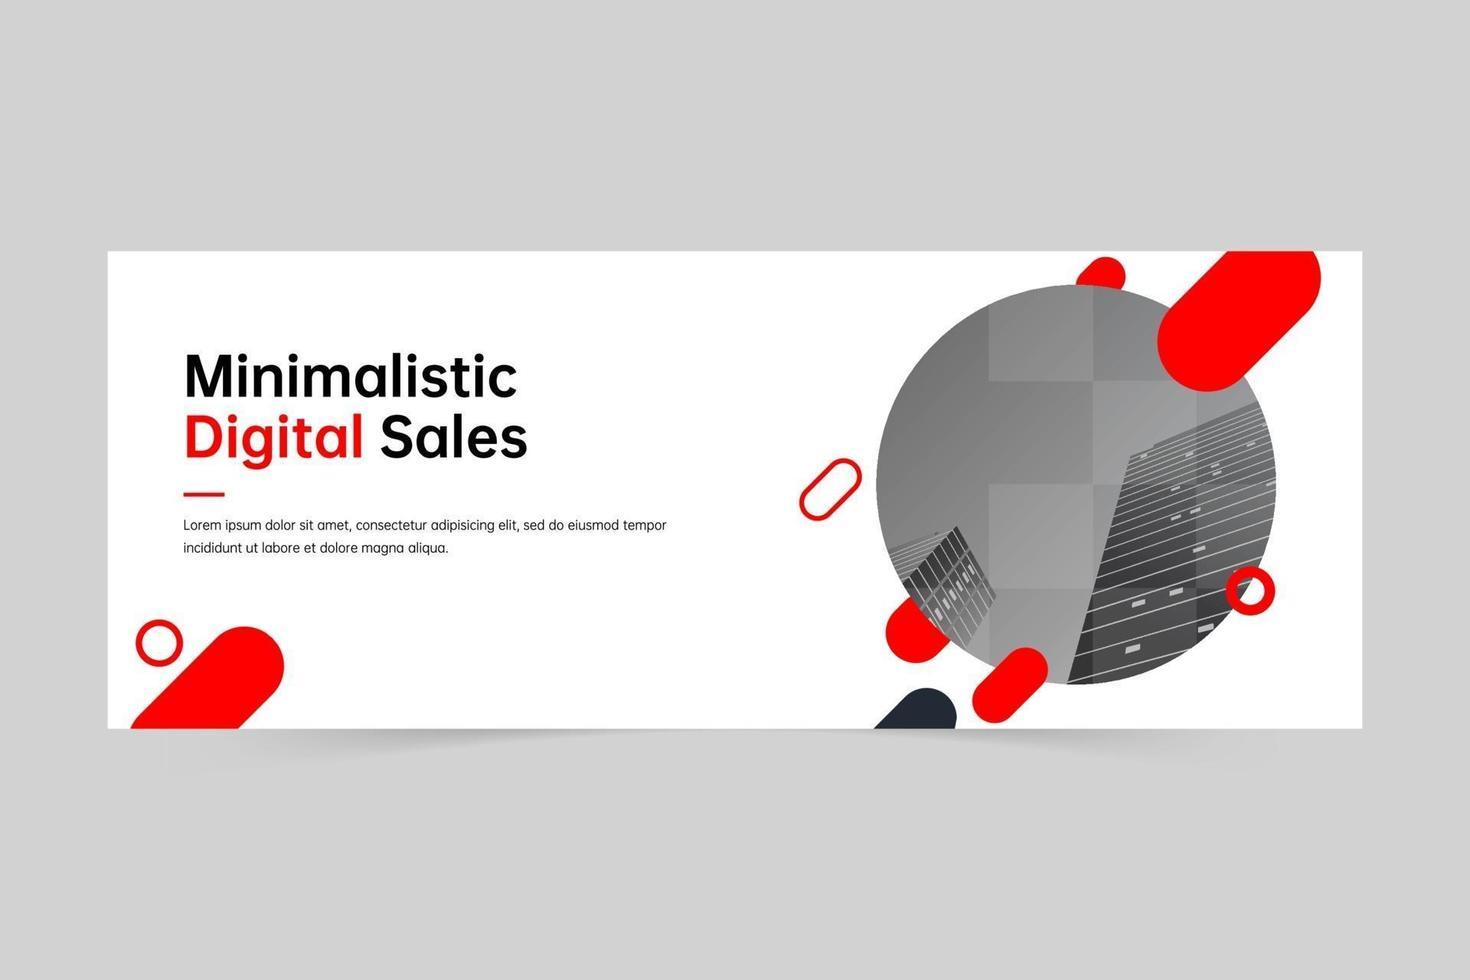 minimalistische geometrische professionele digitale marketingbureau sjabloon voor spandoek vector